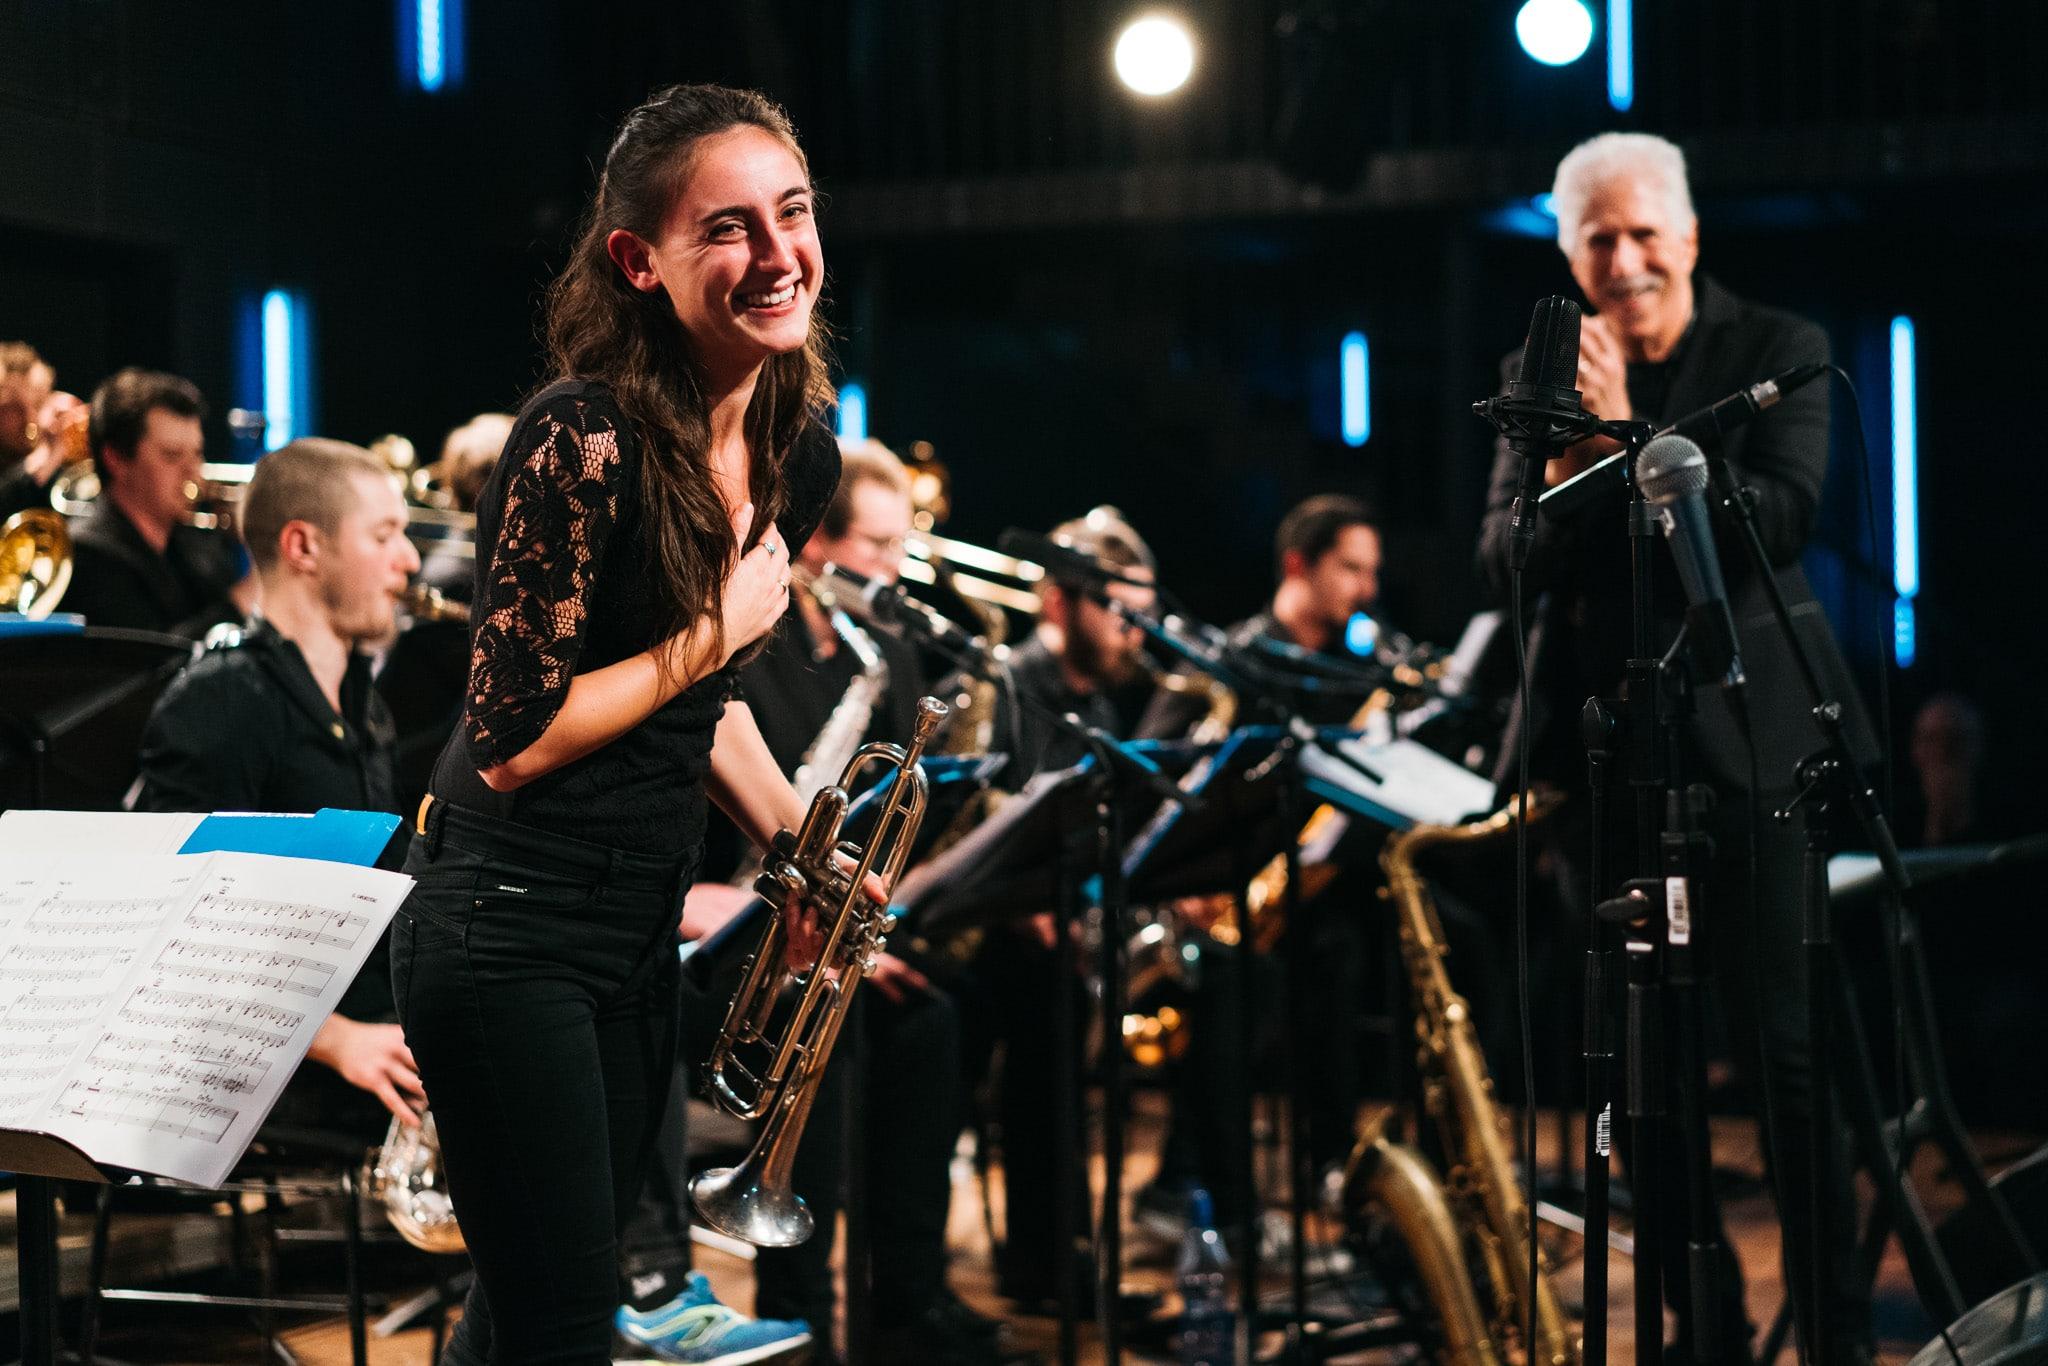 Evenementfotografie : Eindejaarsconcert met de Big Band